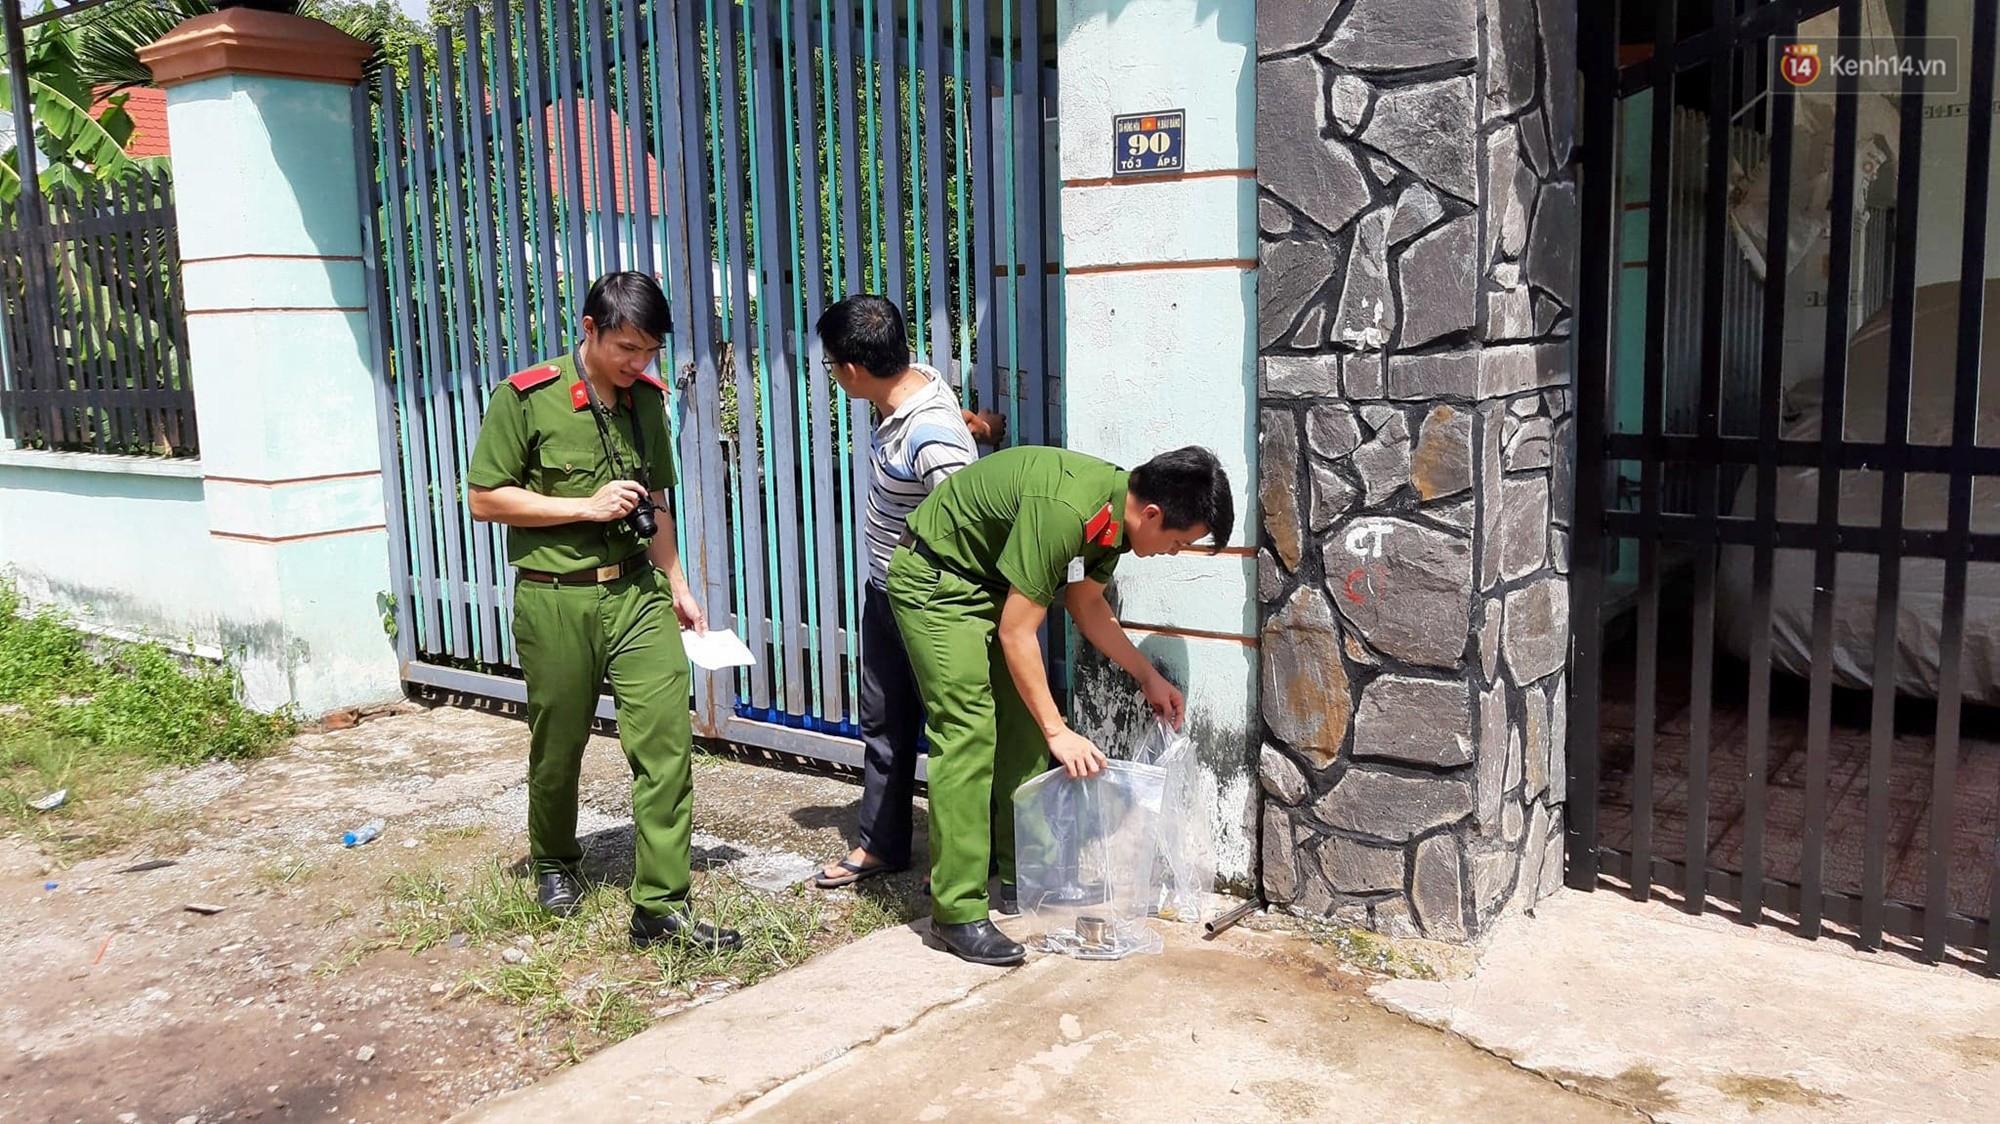 Cảnh sát vào rừng cao su, truy tìm dấu vết để phá án vụ 2 thi thể trong thùng nước đổ bê tông-1